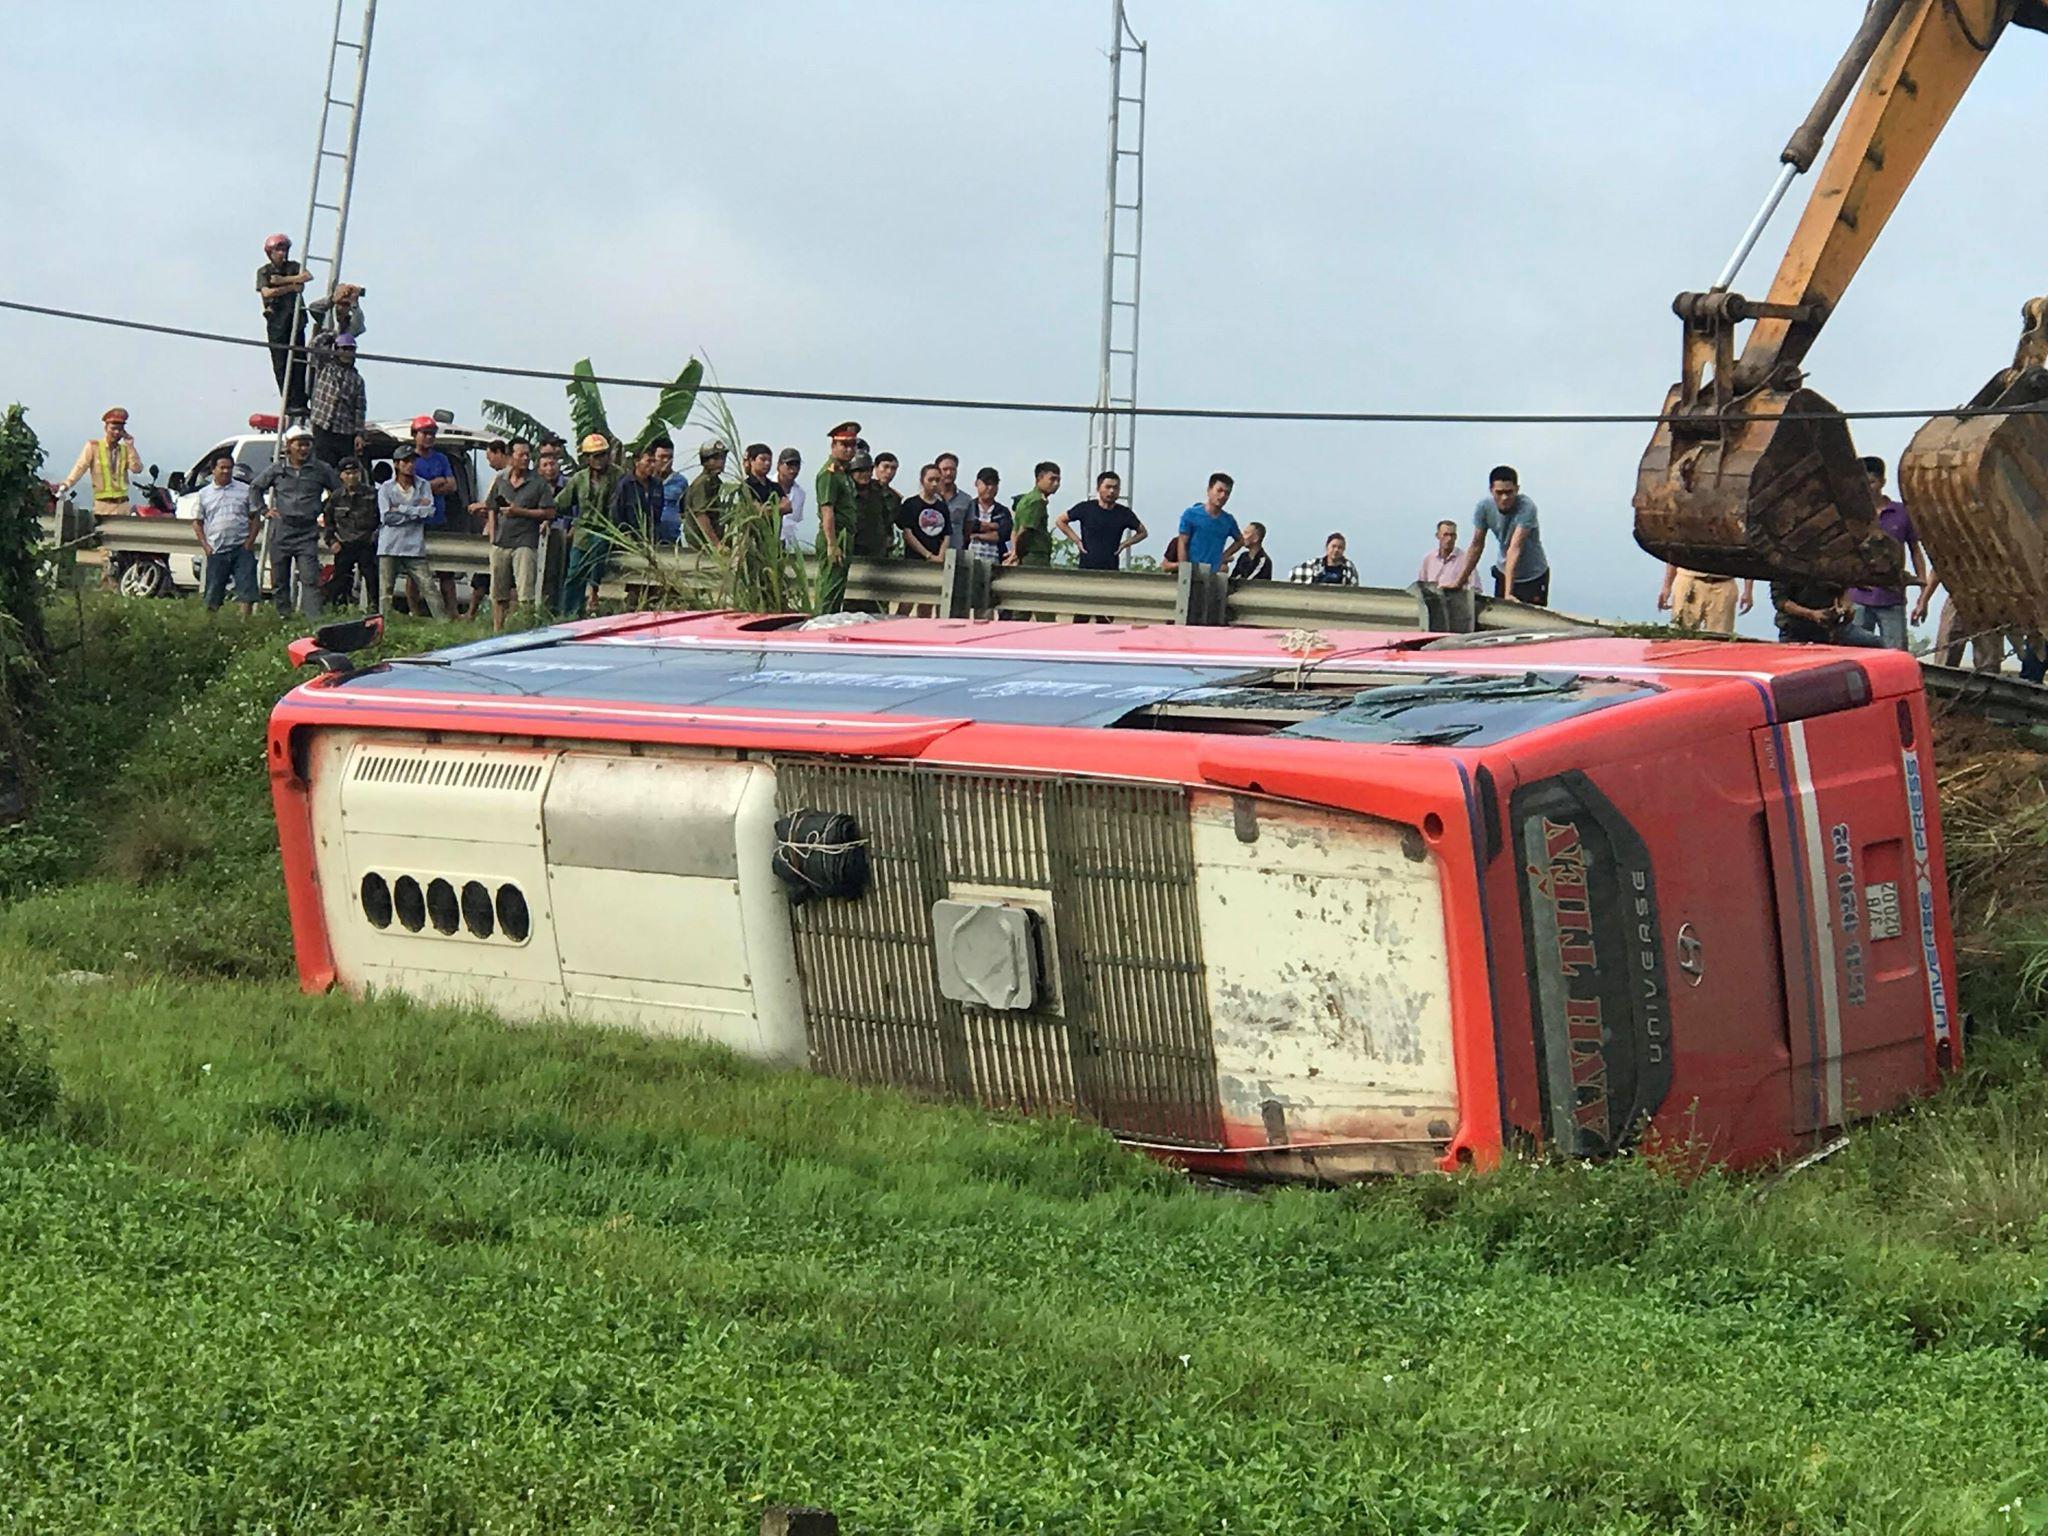 Xe khách lật bên lề đường lúc rạng sáng, 1 người chết, 20 người bị thương Ảnh 5